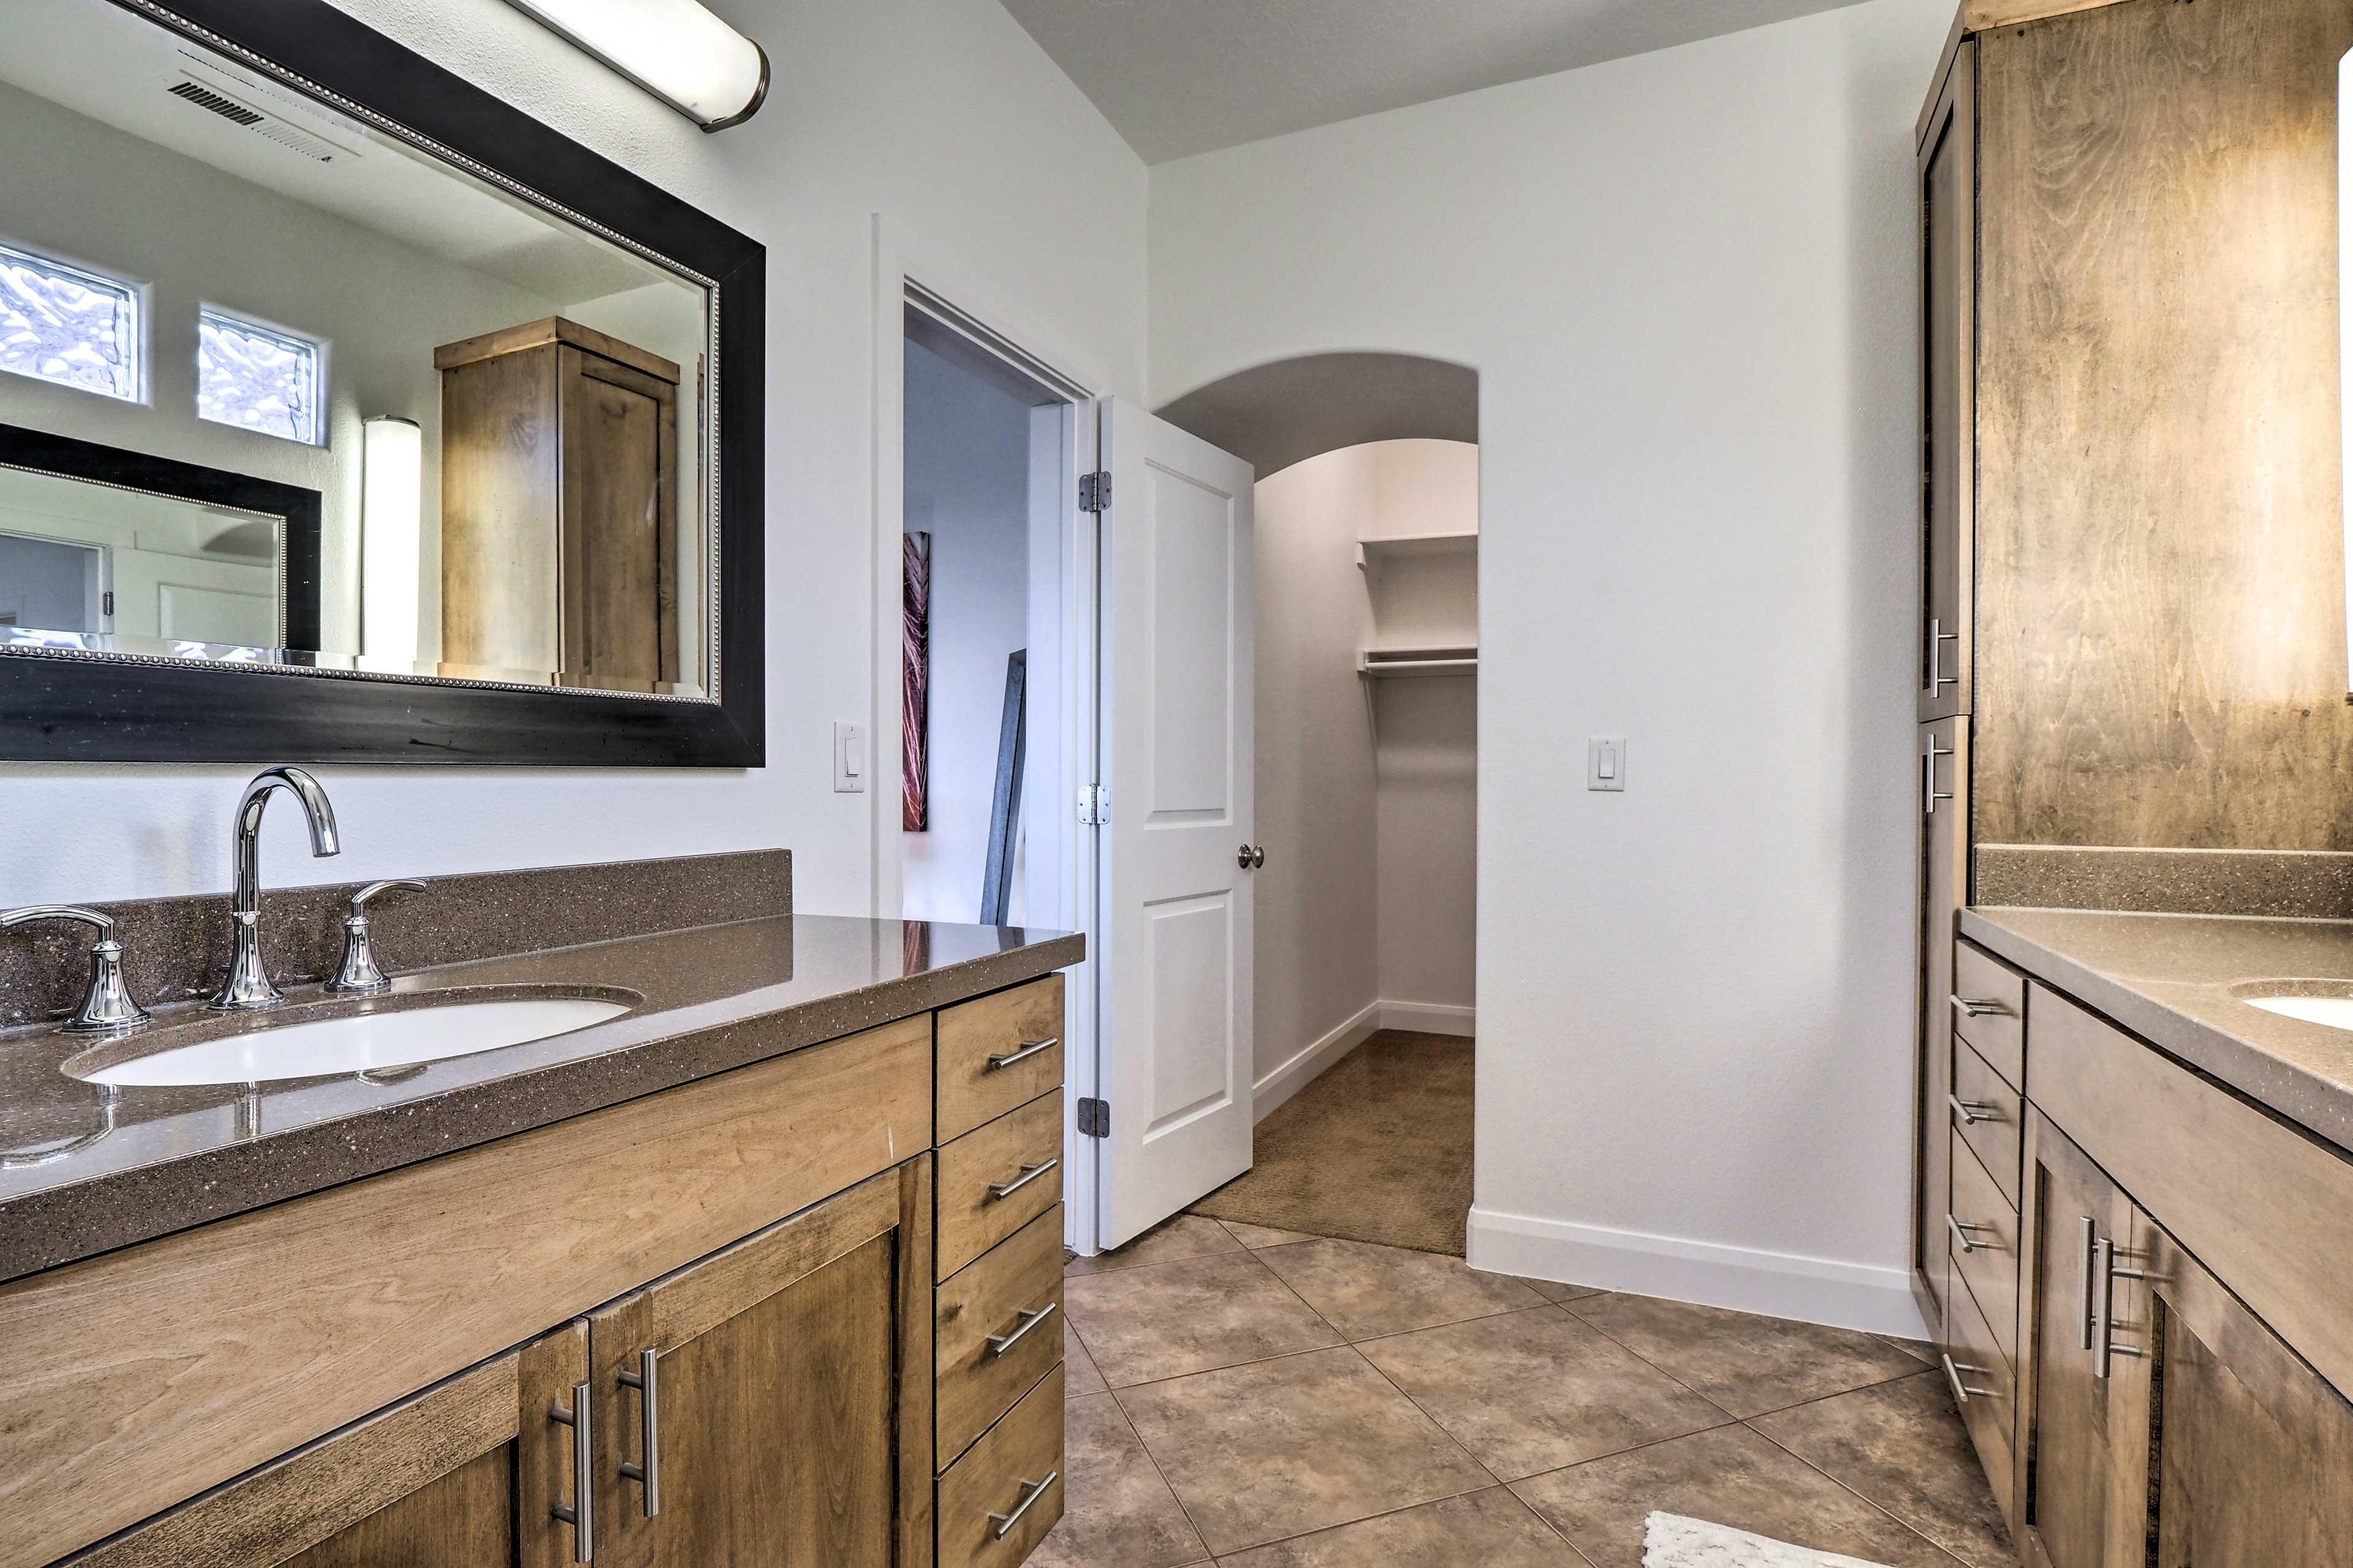 The en-suite bathroom has double vanities.